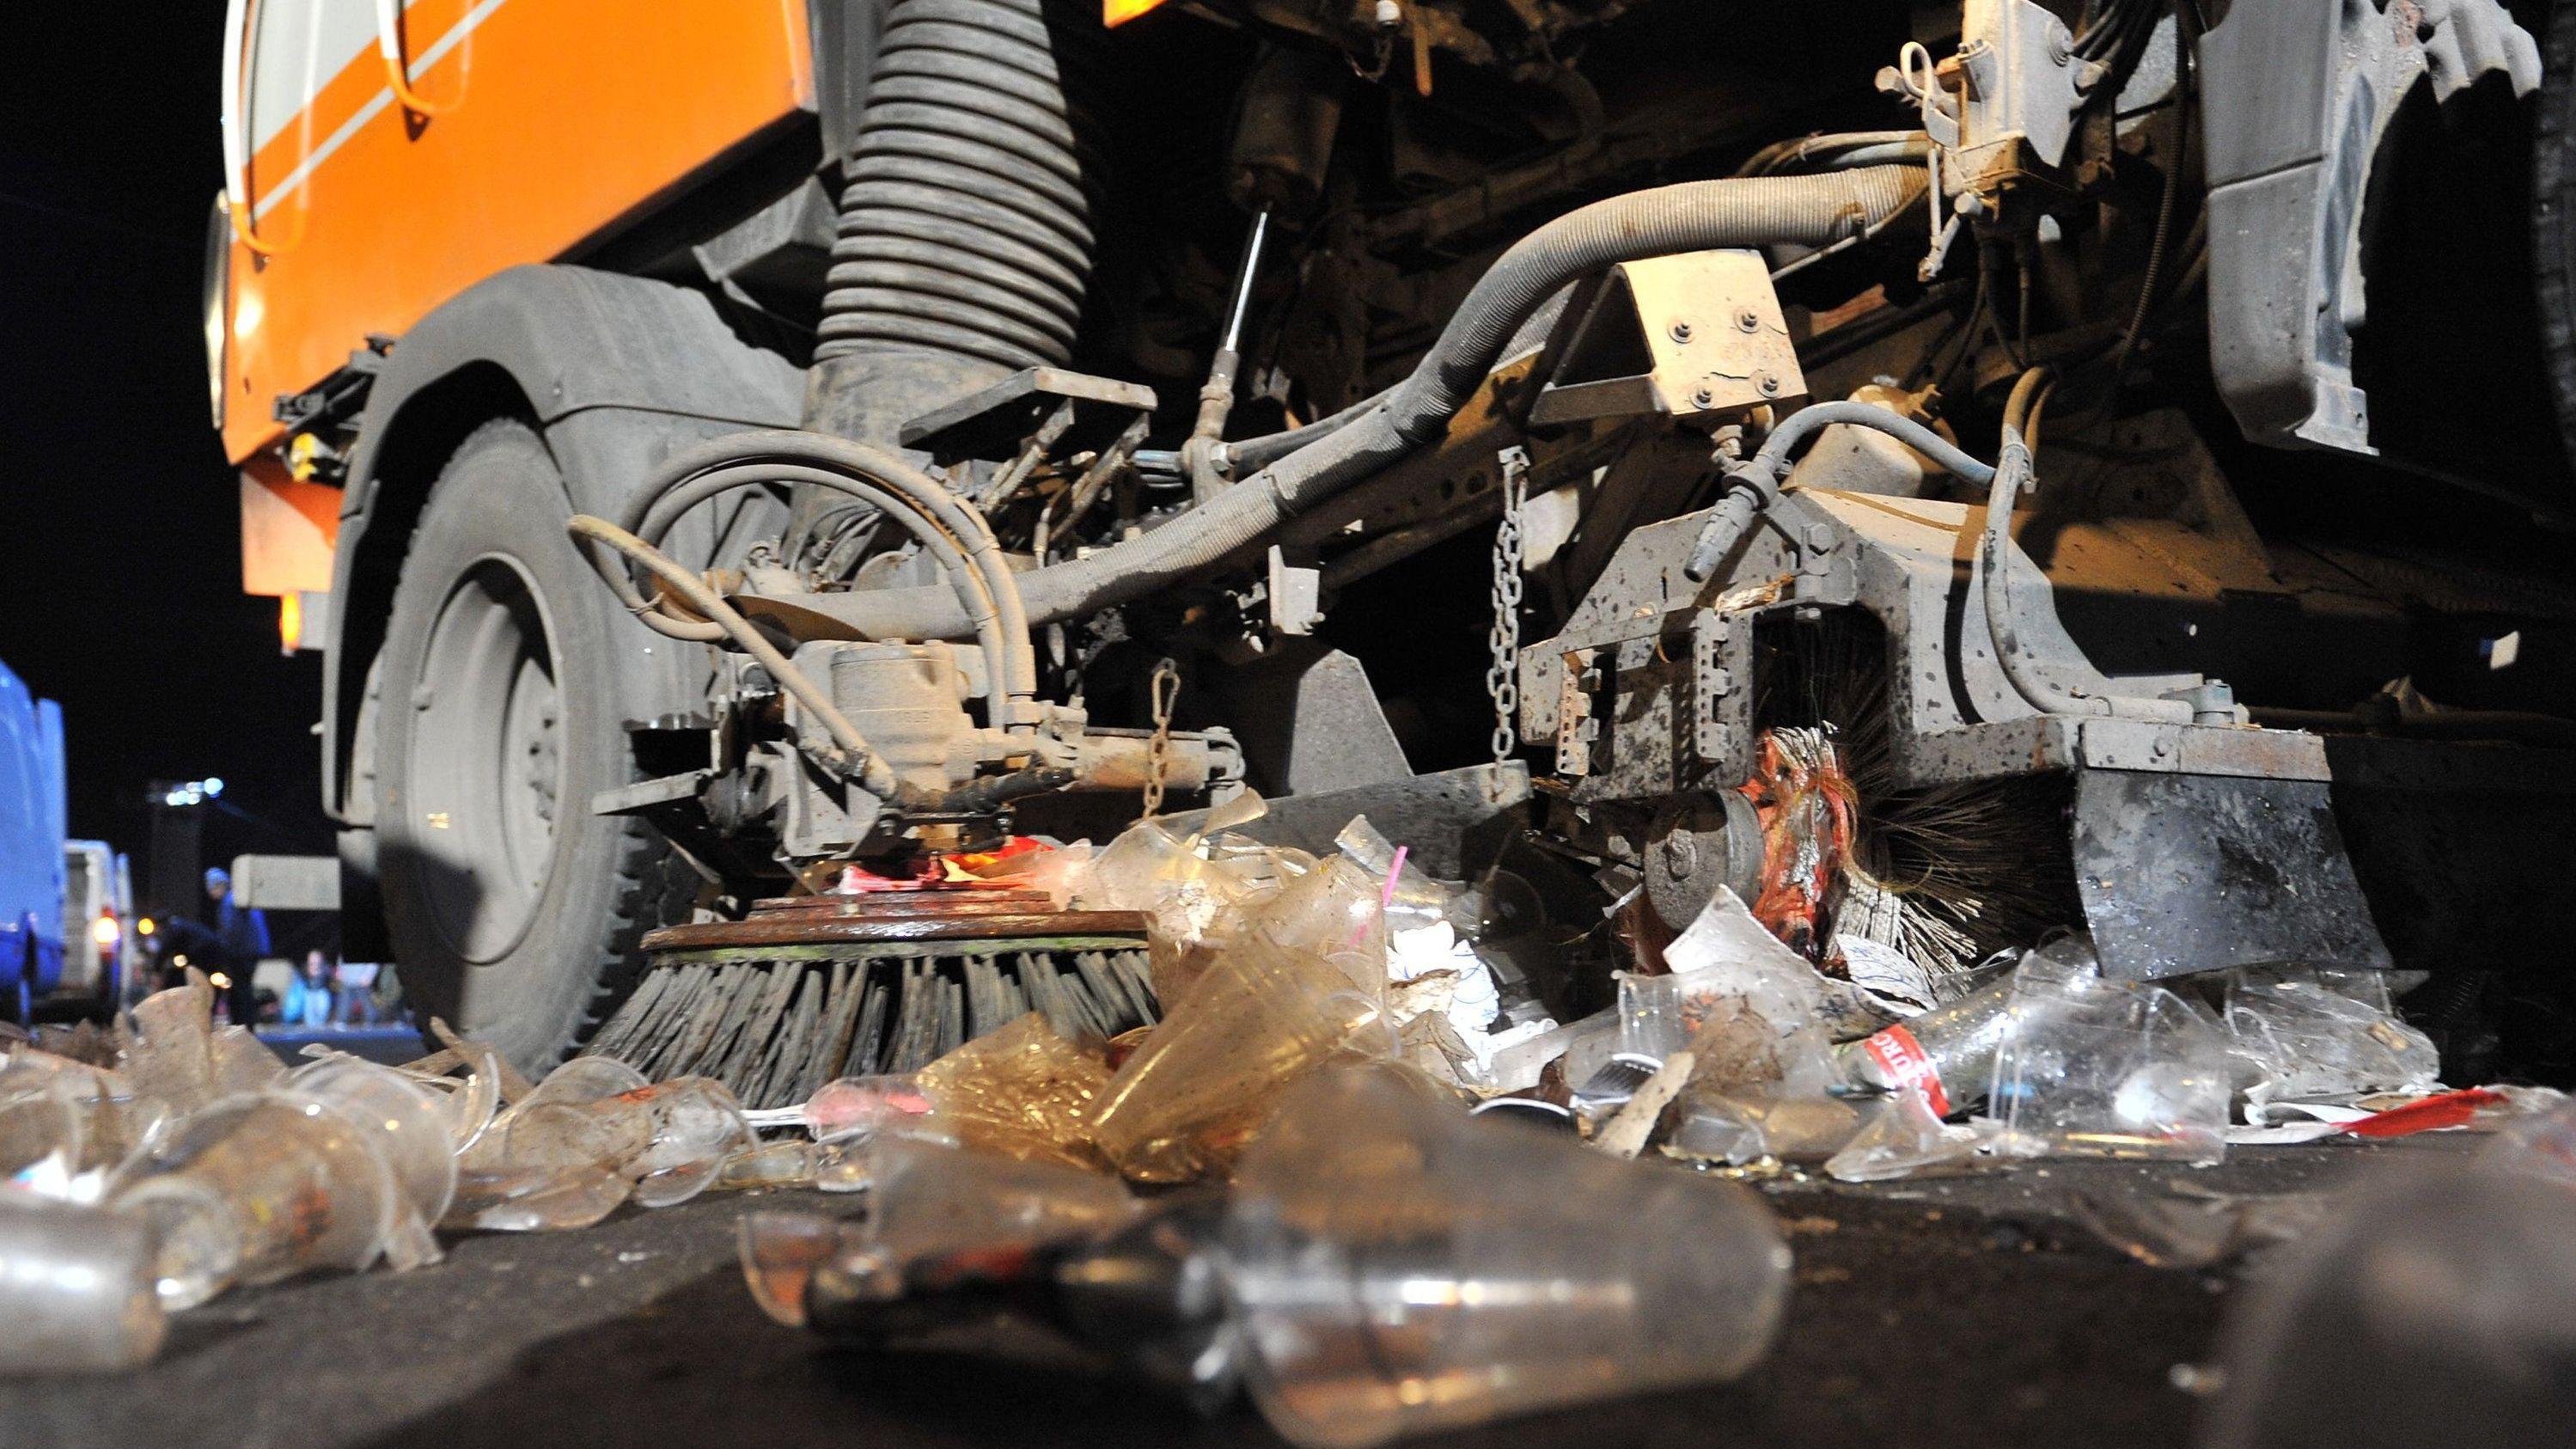 Ein Räumungsfahrzeug beseitigt Müll auf einer Straße am Brandenburger Tor. Hersteller von Wegwerfartikeln sollen in Zukunft die Kosten fürs Sauberhalten von Straßen und Parks mittragen.